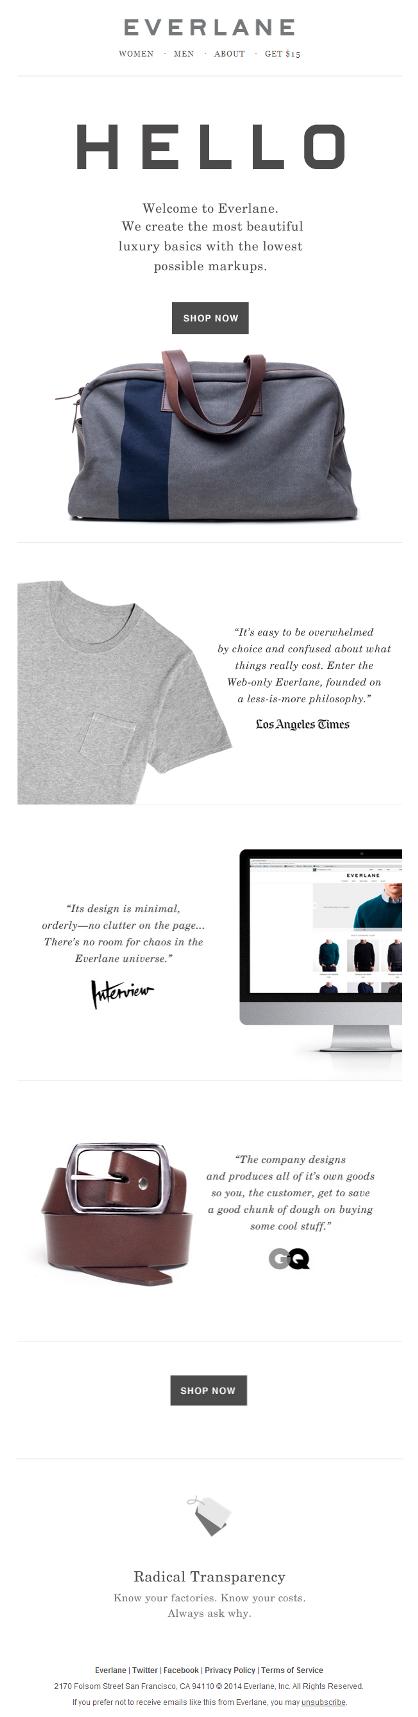 Увеличение продаж интернет магазина: 5 этапов создания совершенной email рассылки